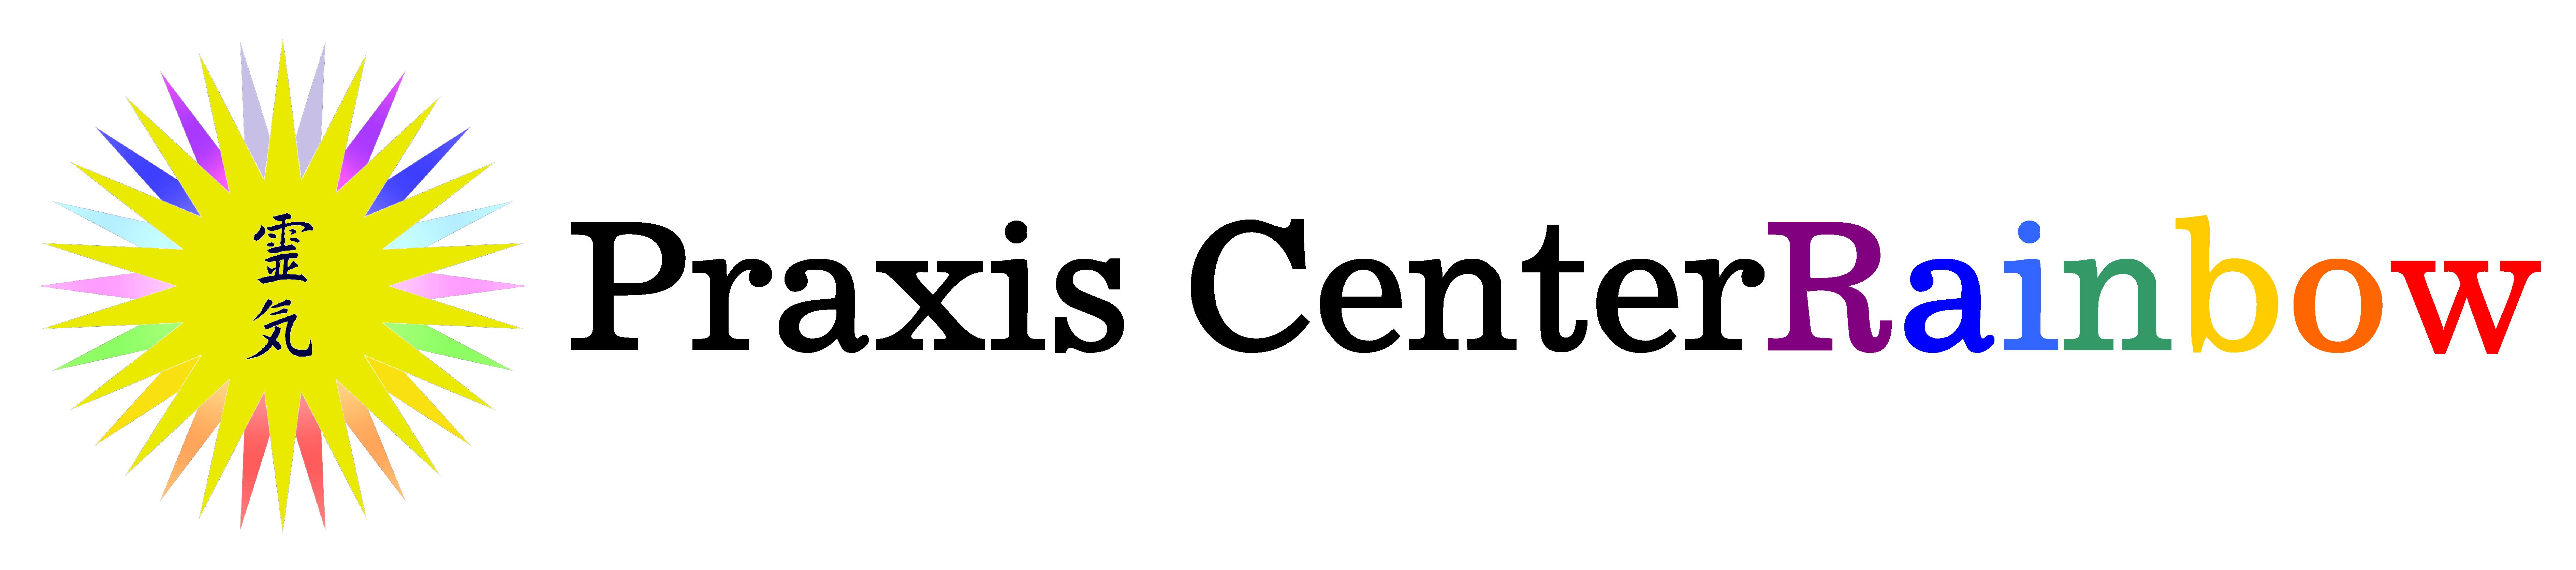 Praxis CenterRainbow